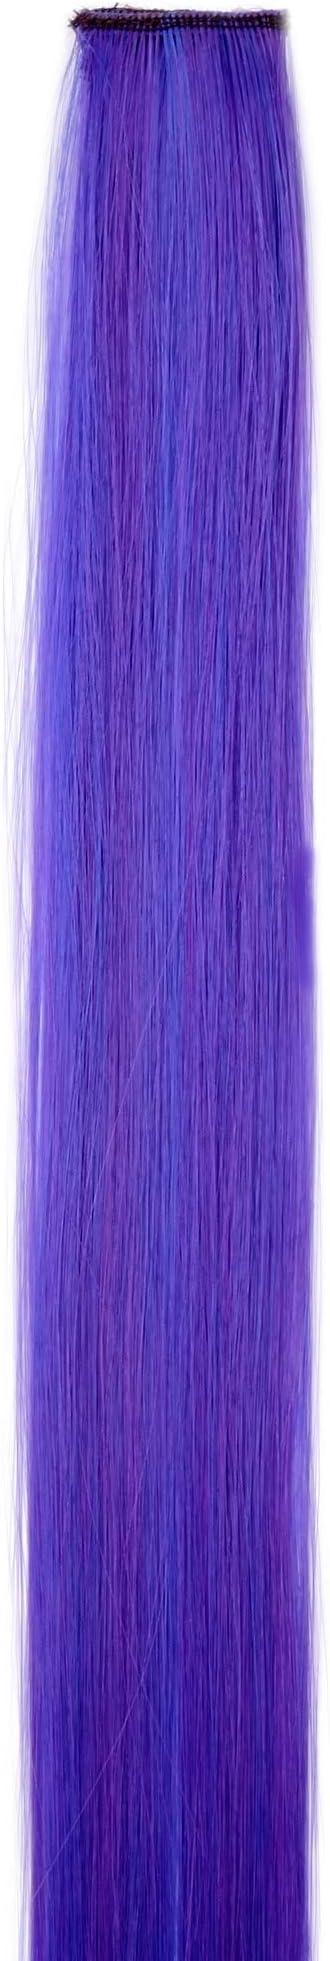 WIG ME UP- Extensión de pelo con 1 clip mechón liso mezcla de violeta y azul 45 cm/ 18 inch YZF-P1S18-T2420TTF2517